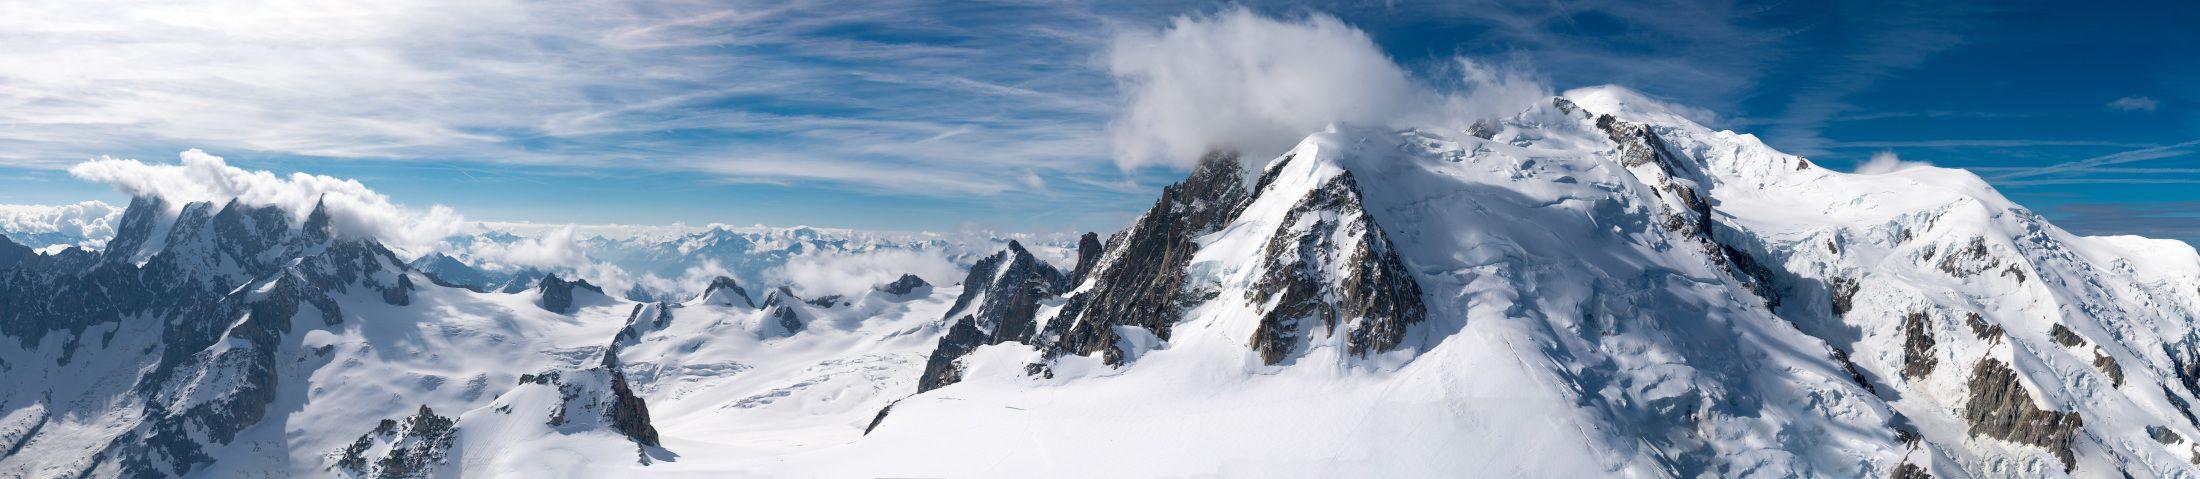 I-Love-Ski-Panoramic-mountains